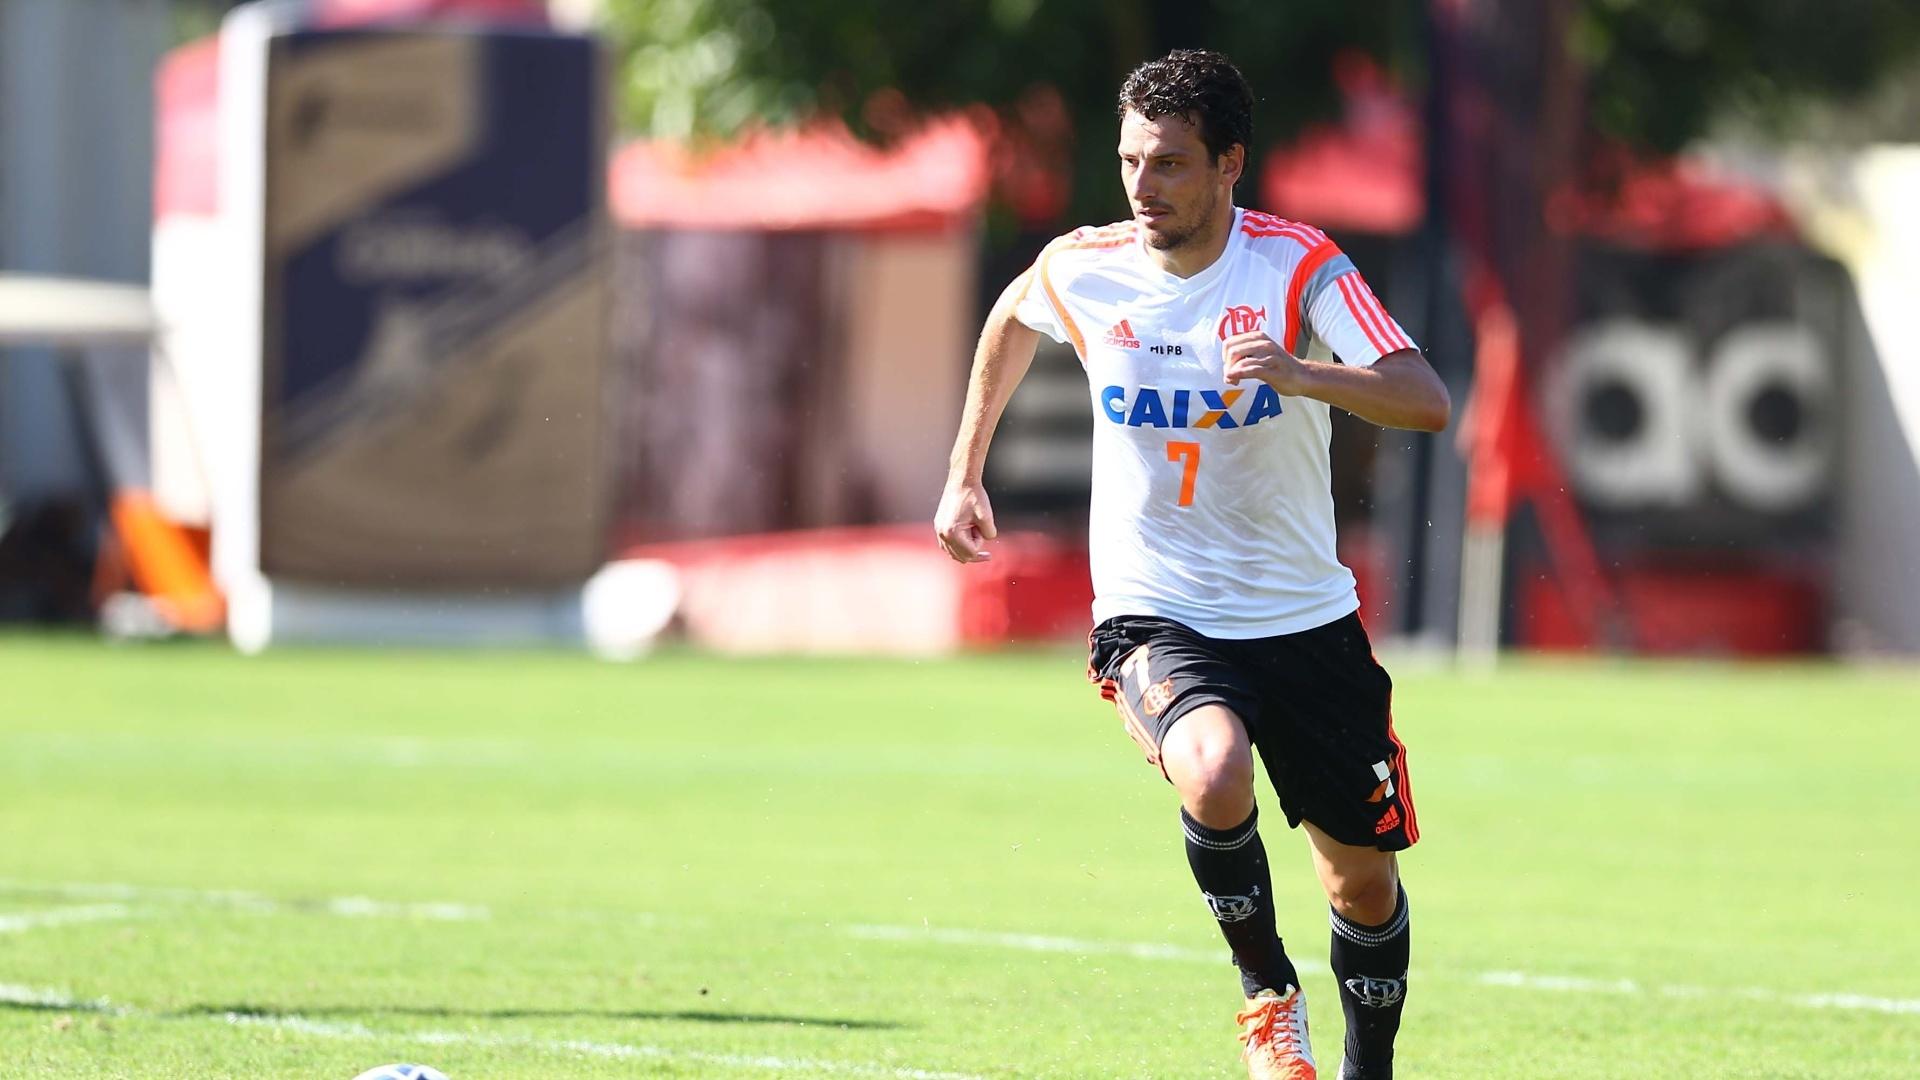 Elano carrega a bola durante treino do Flamengo no Ninho do Urubu